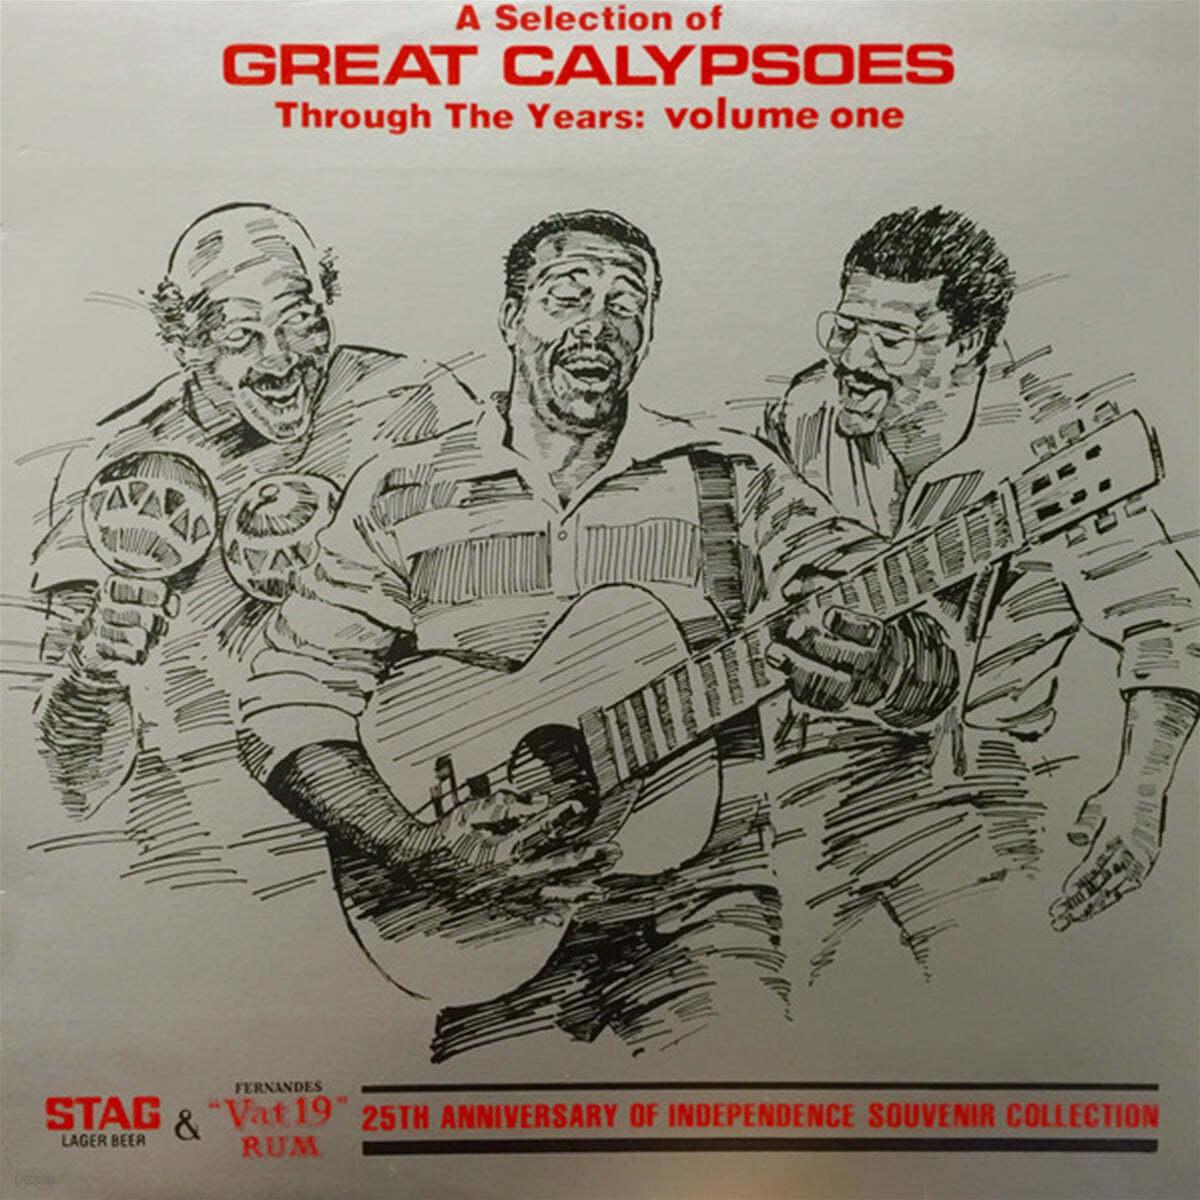 칼립소 음악 모음집 (A Selection Of Great Calypsoes Through The Years: Volume 1) [LP]